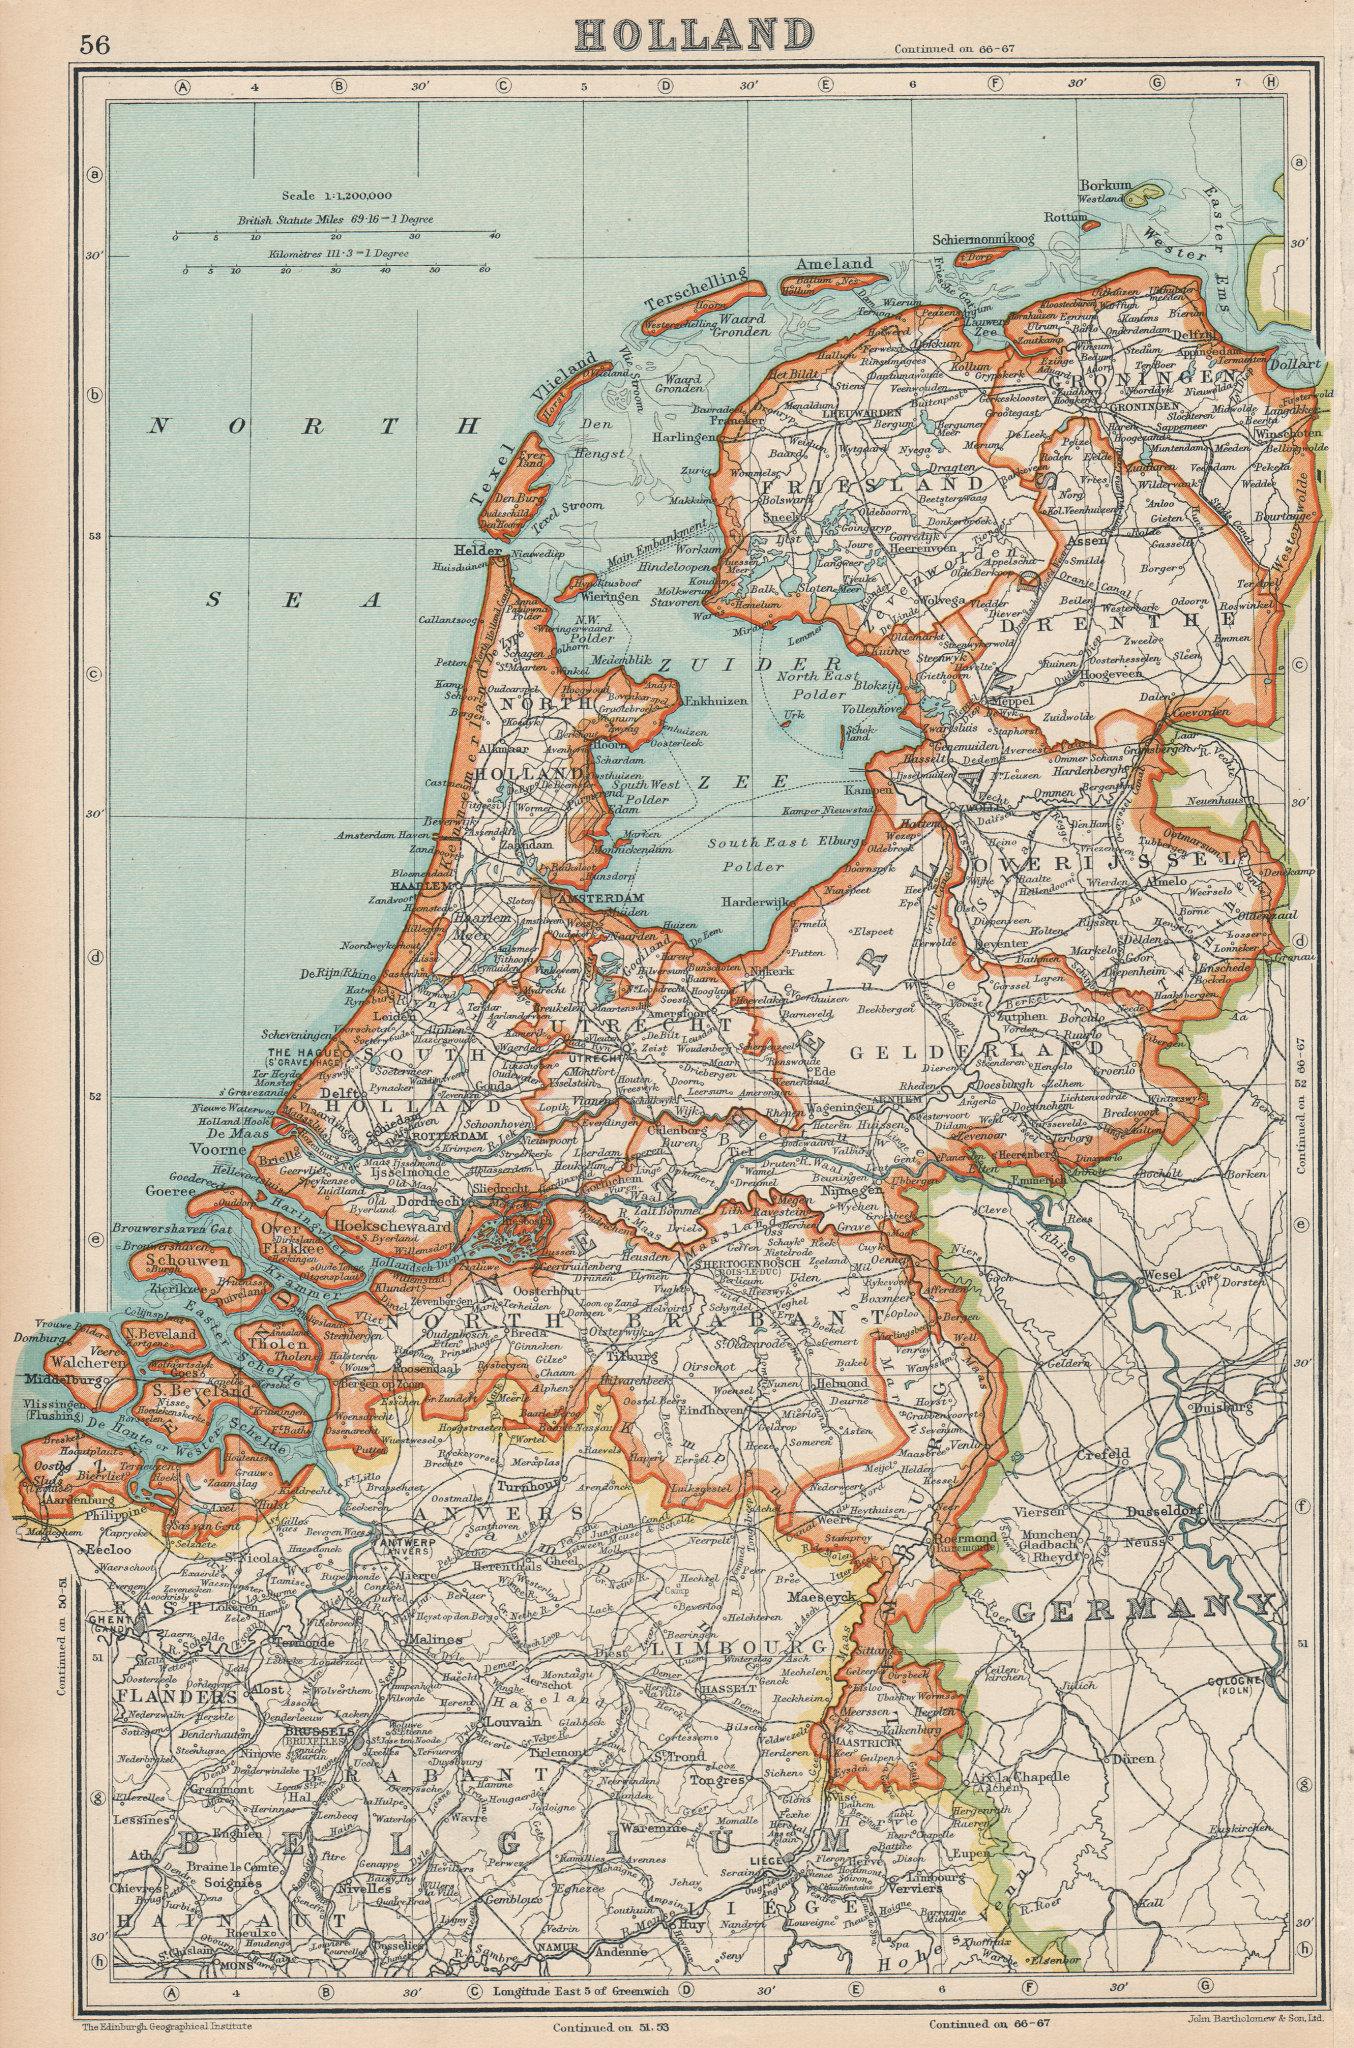 Associate Product NETHERLANDS. Holland. General map. BARTHOLOMEW 1924 old vintage plan chart